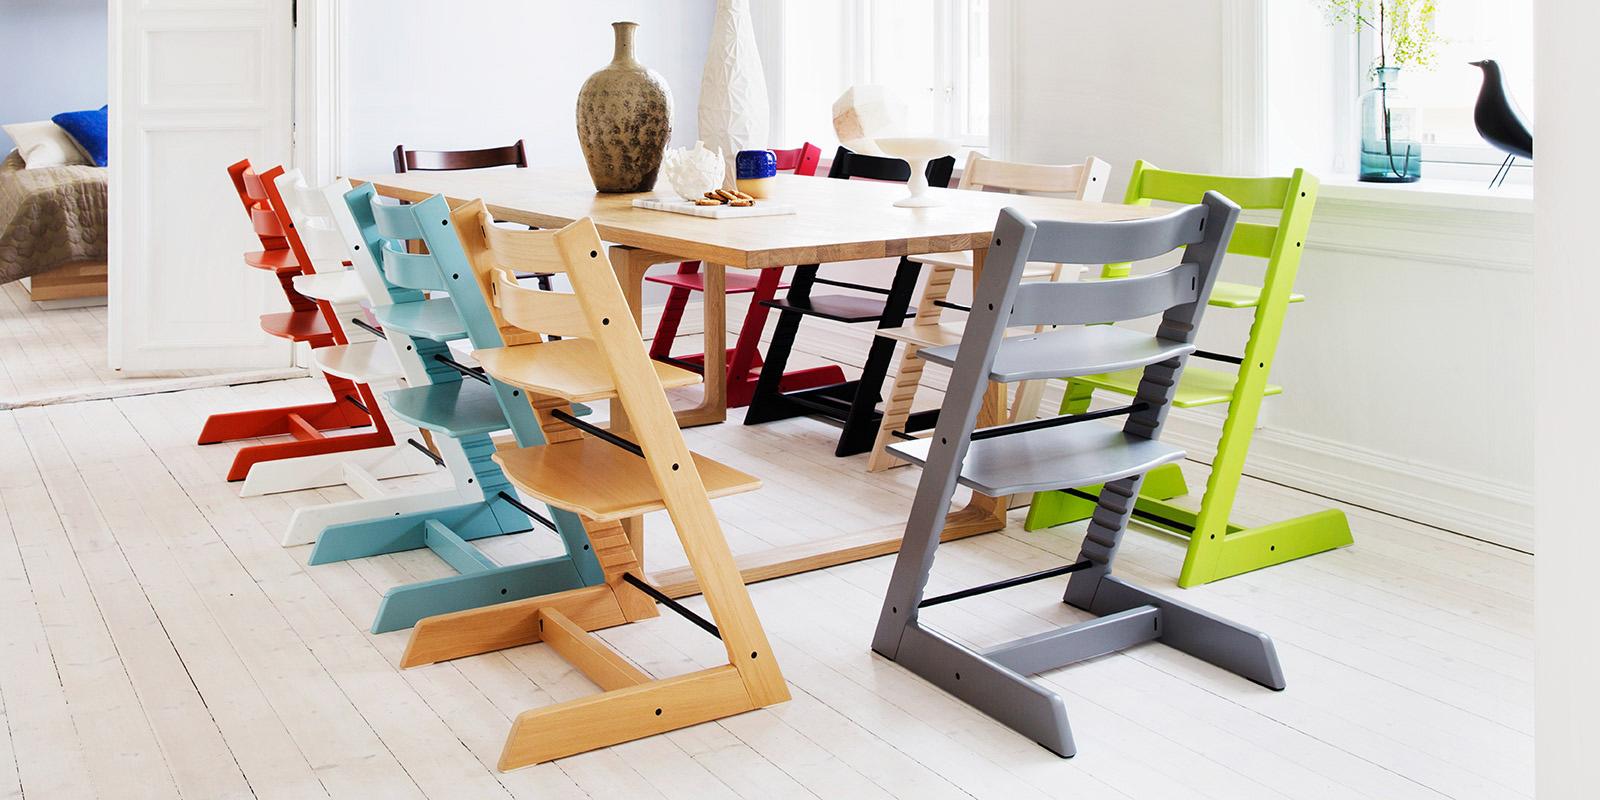 kollermoebel sepp koller m belschreinerei 9050 appenzell cms website. Black Bedroom Furniture Sets. Home Design Ideas